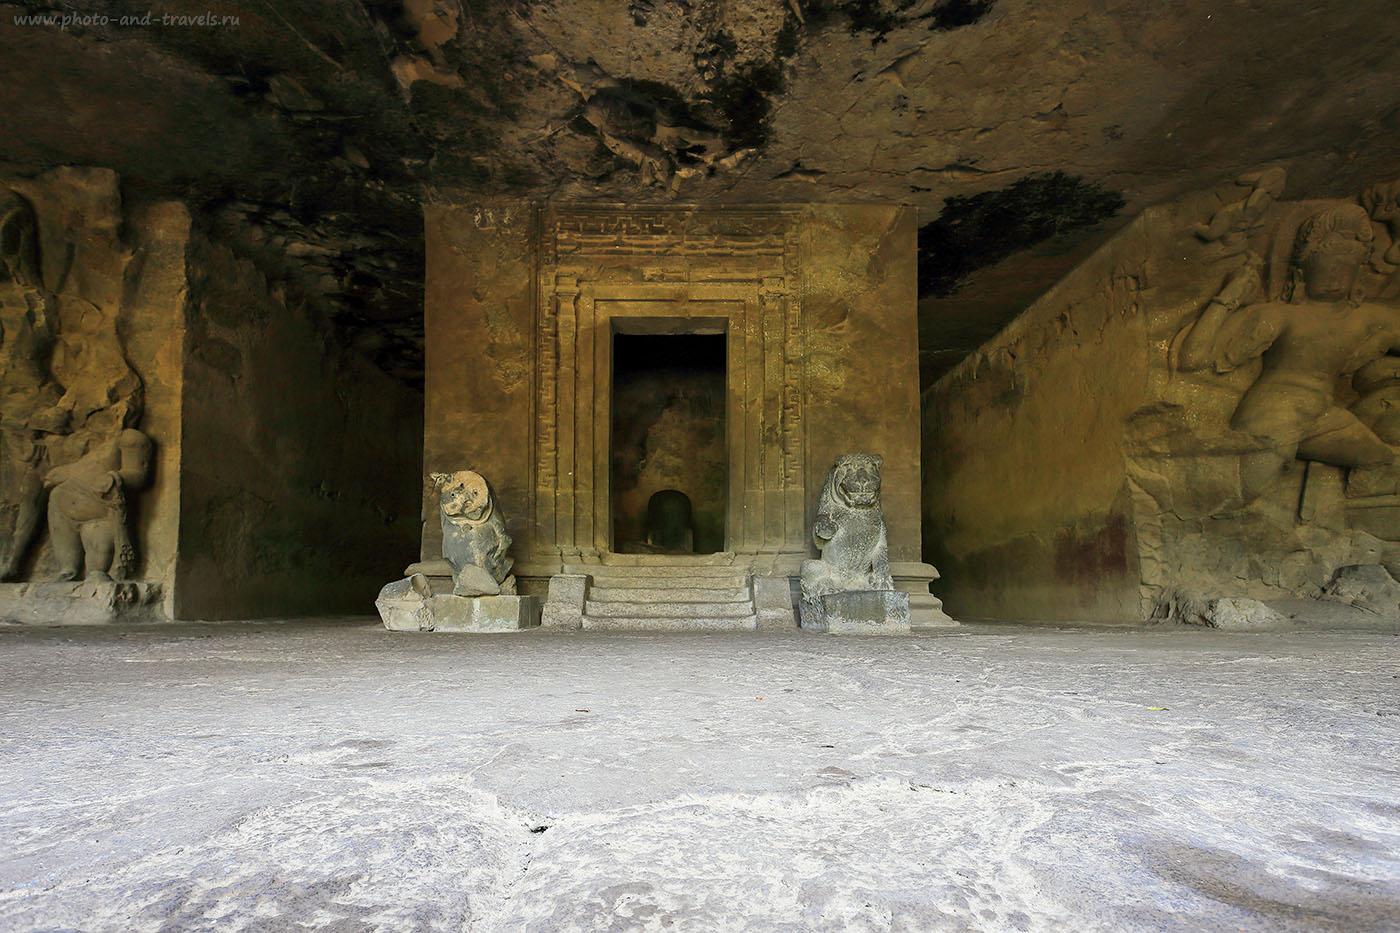 15. Шивалингам в восточном зале. Рассказ про экскурсию в пещеры Элефанта (17-40, 1/4, 0eV, f9, 17mm, ISO 100)